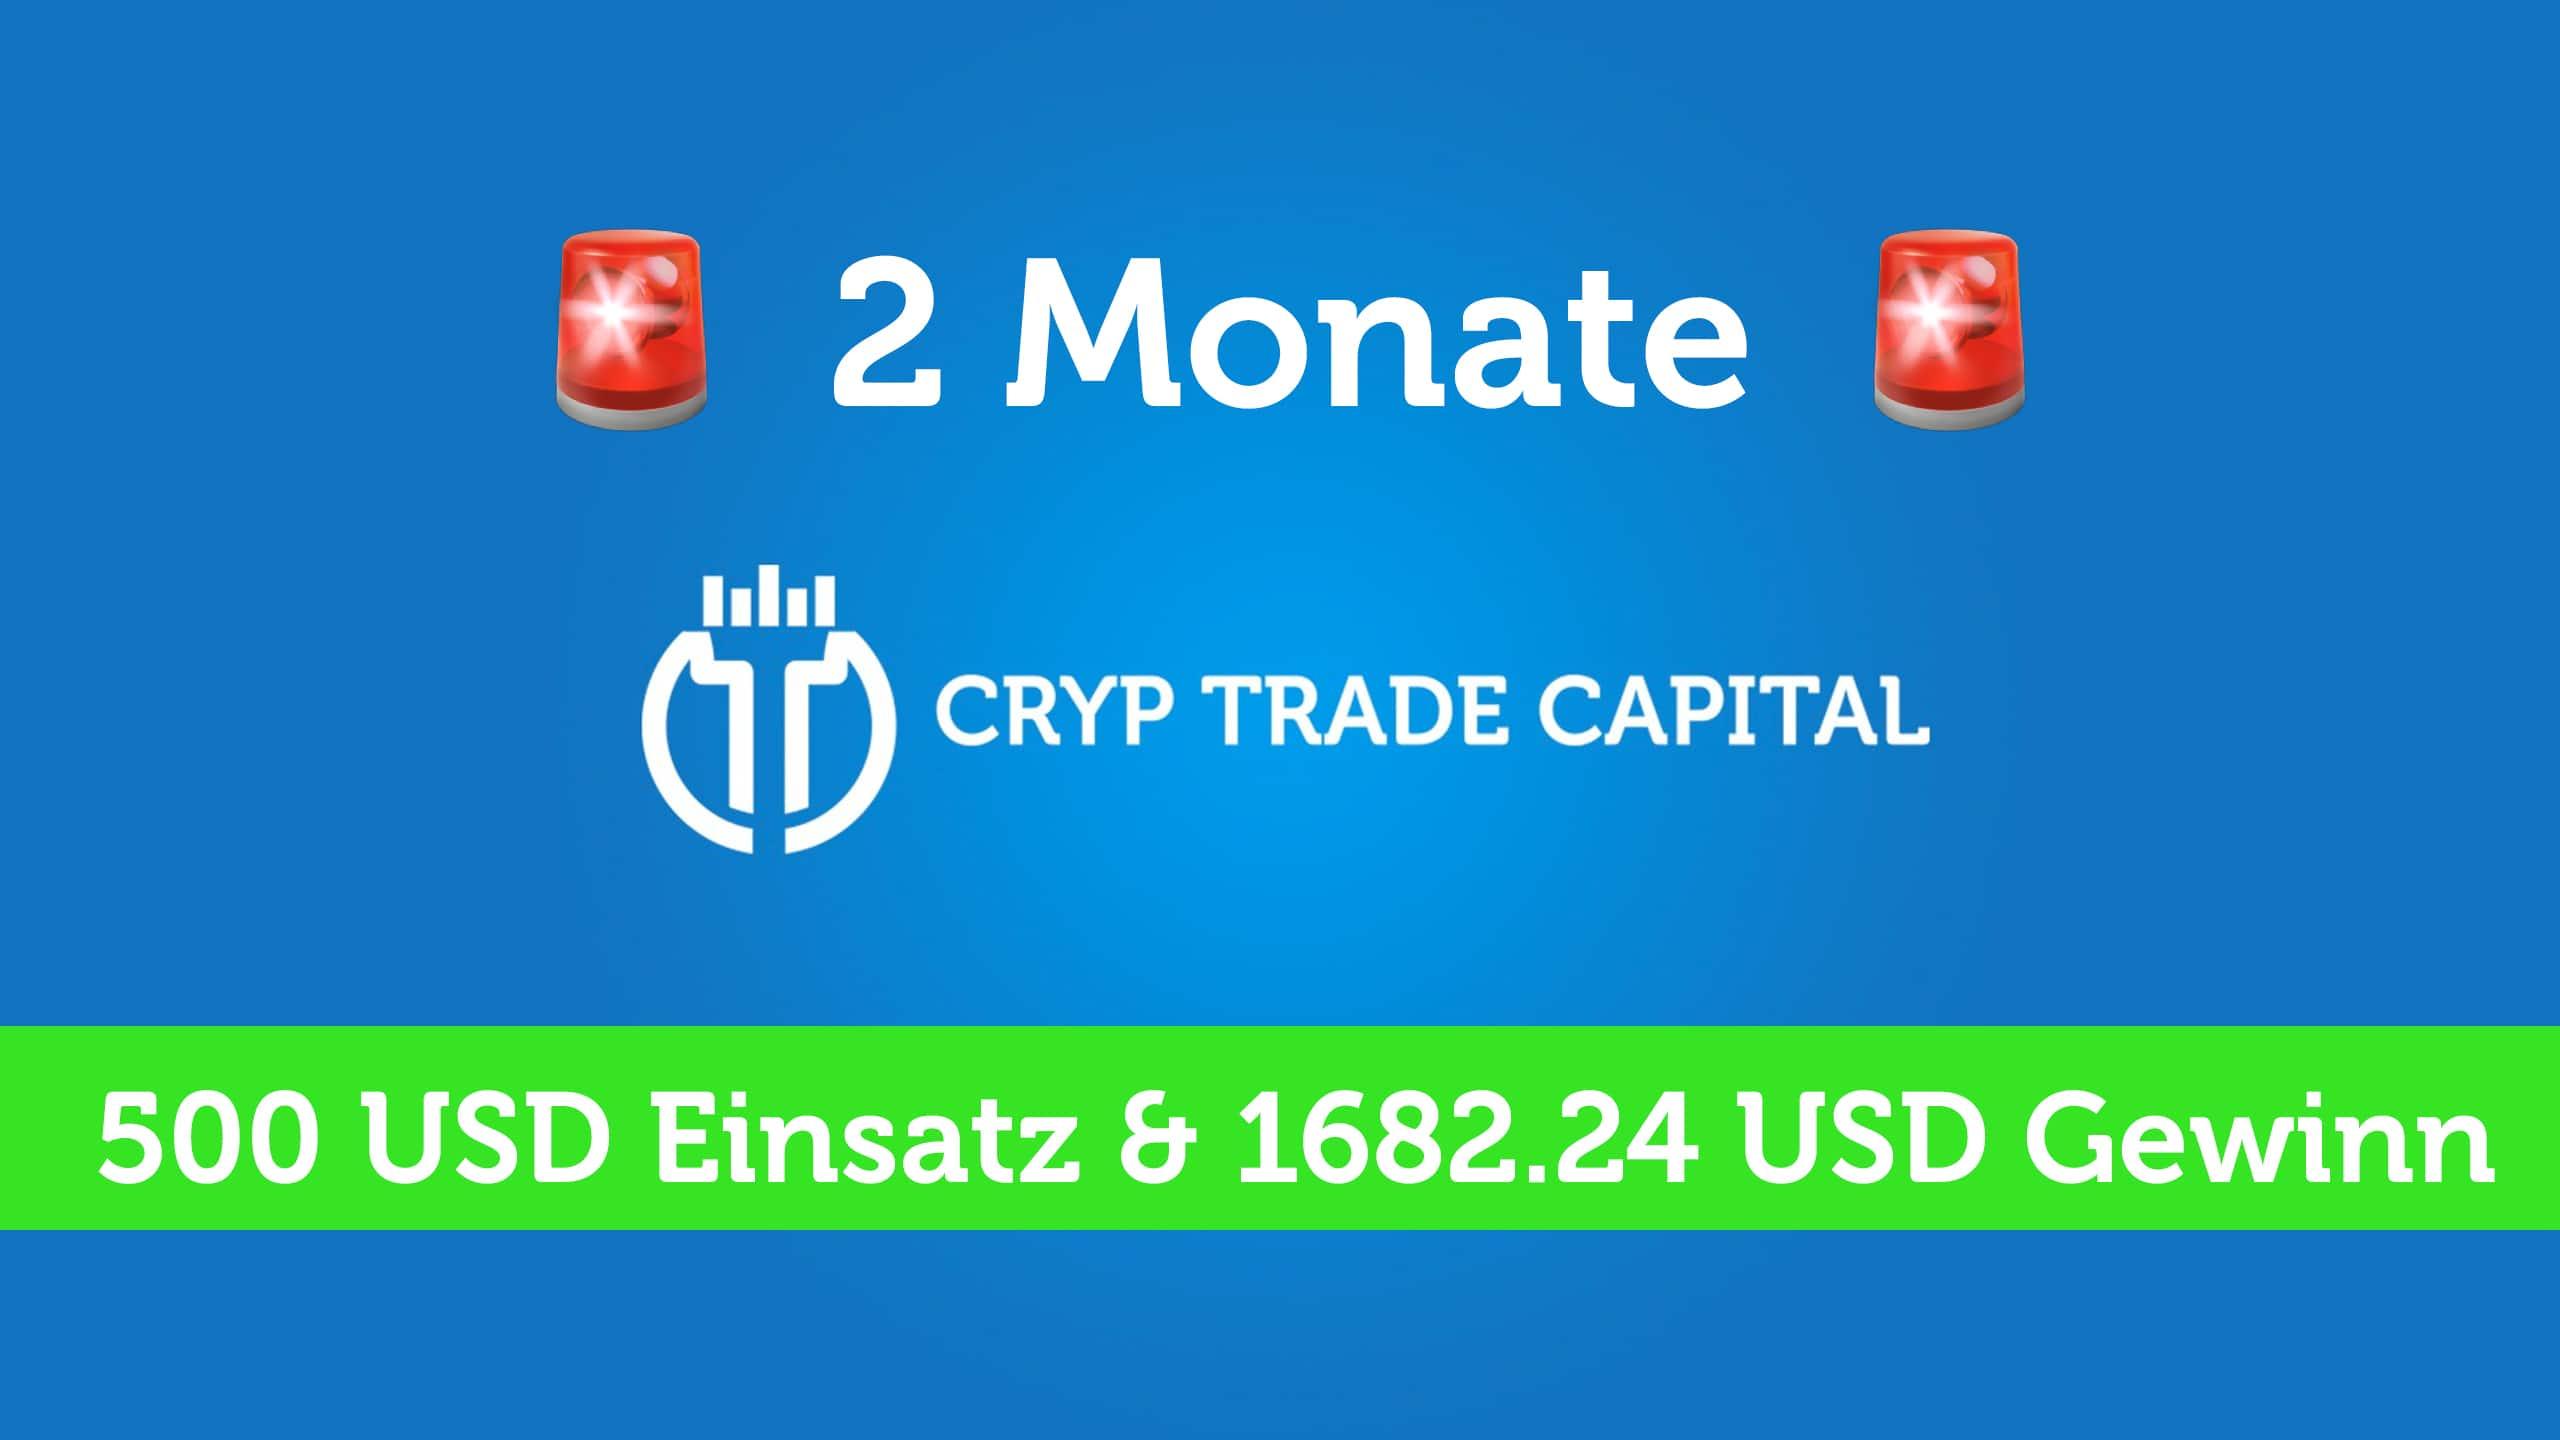 Cryp trade capital bitcoin einzahlung coinpayments